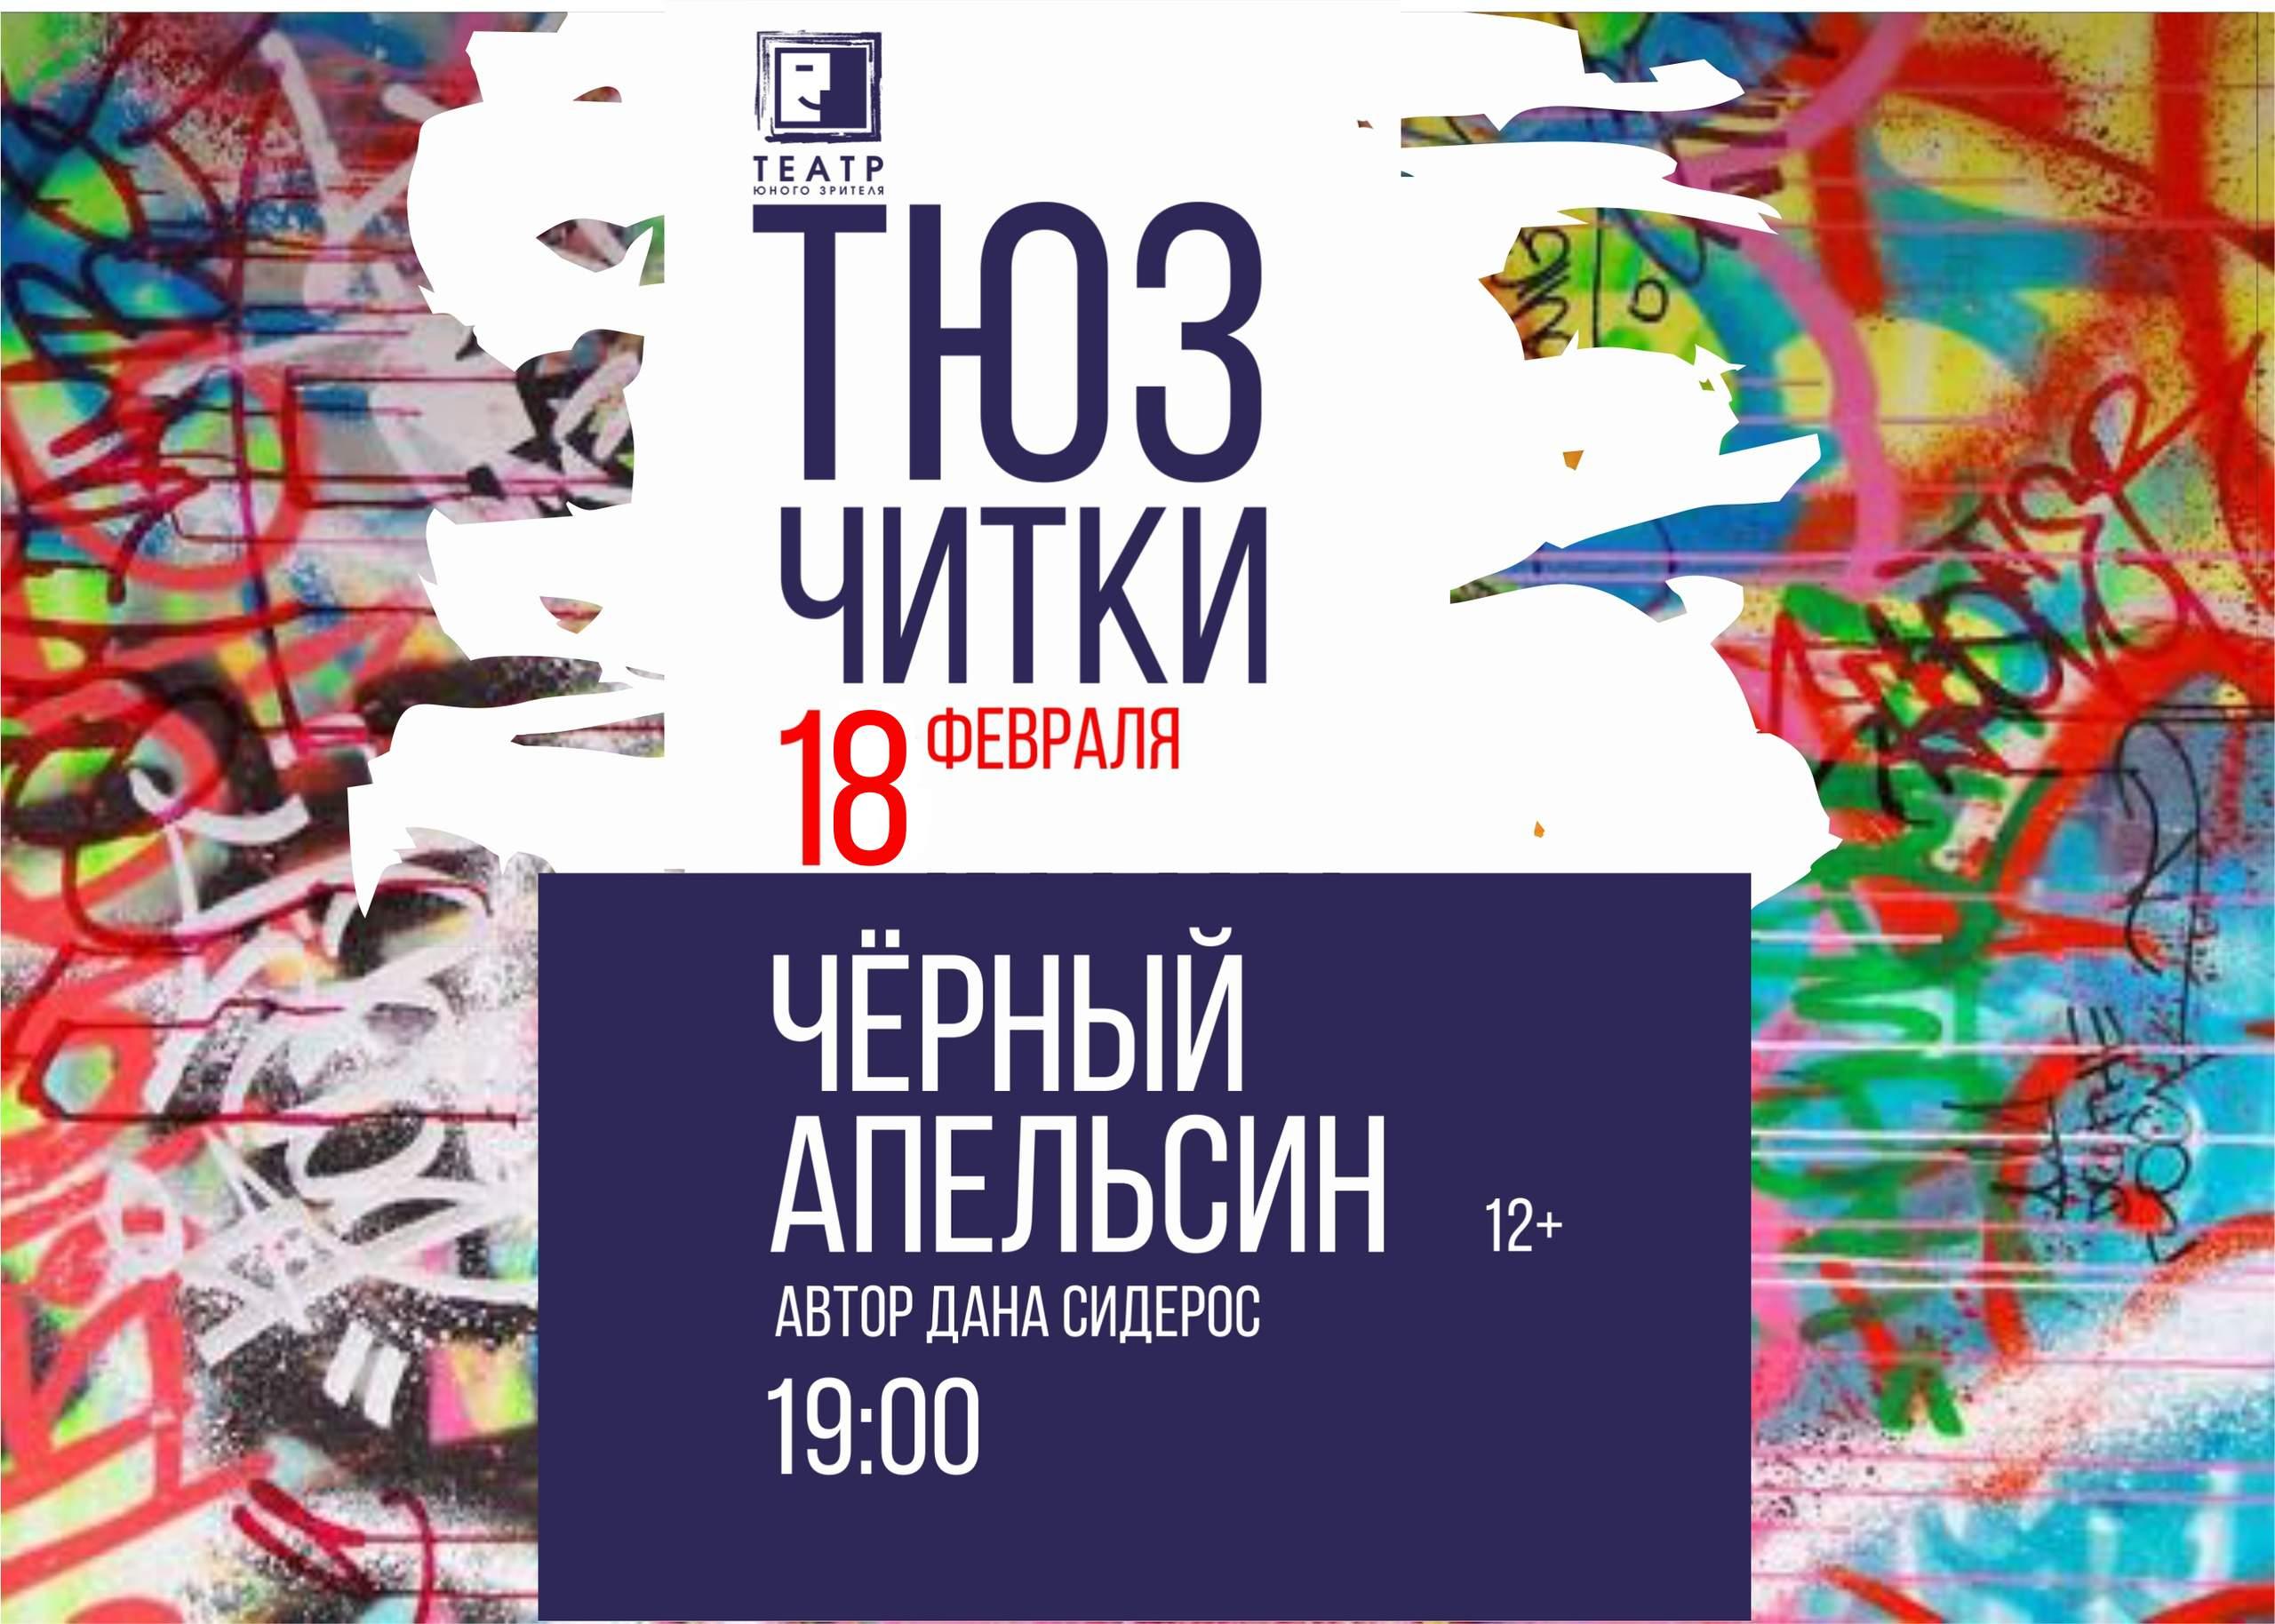 Тверской ТЮЗ запускает новый проект для подростков